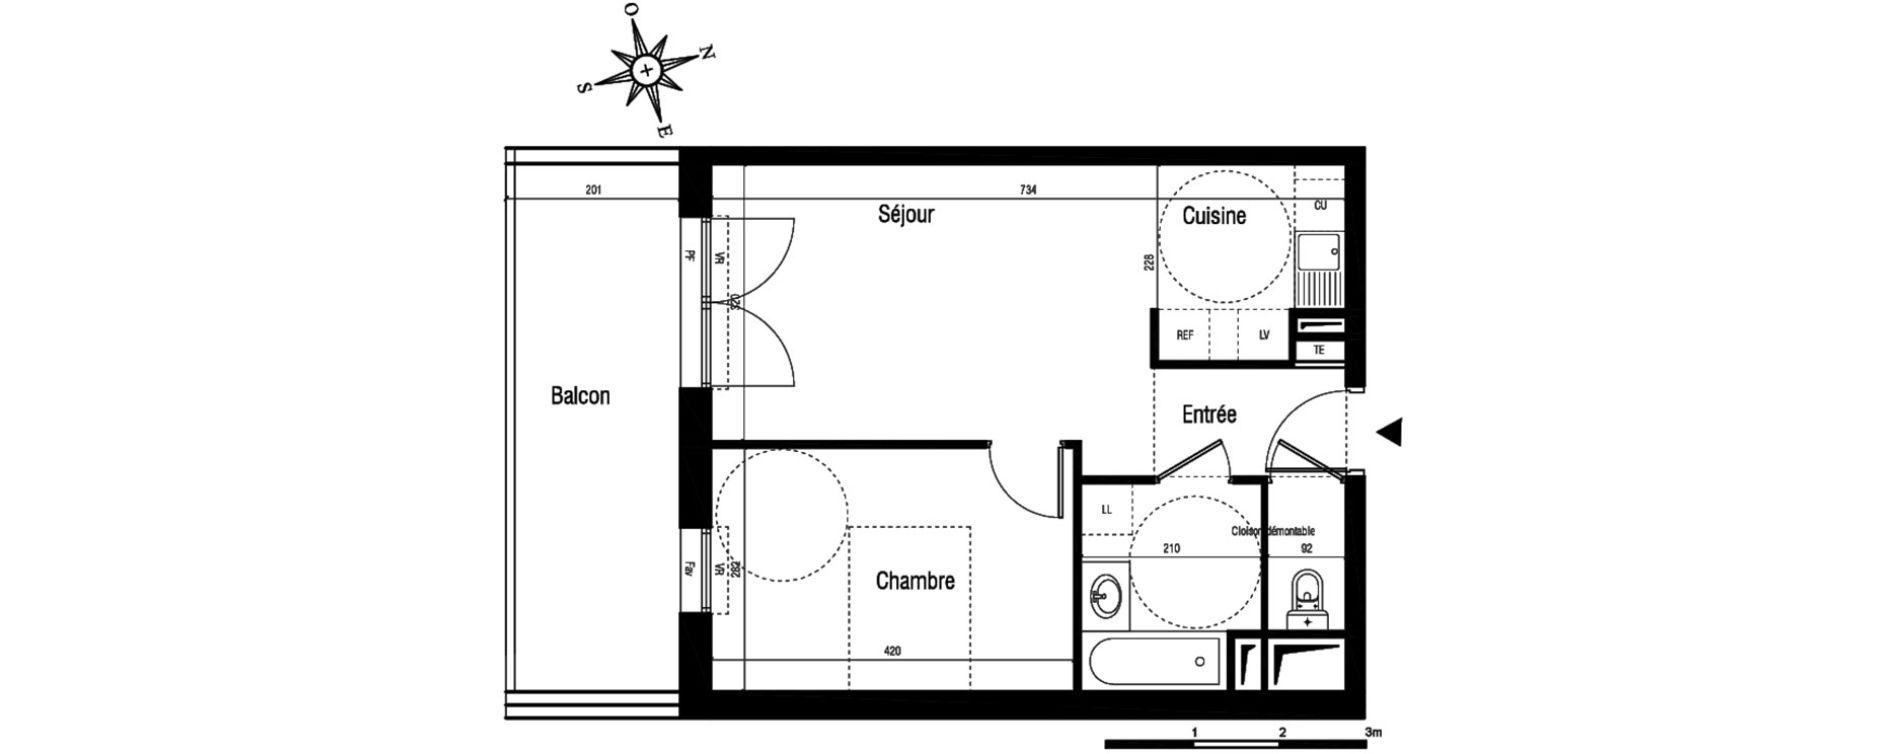 Appartement T2 de 42,40 m2 à Aigues-Mortes Centre